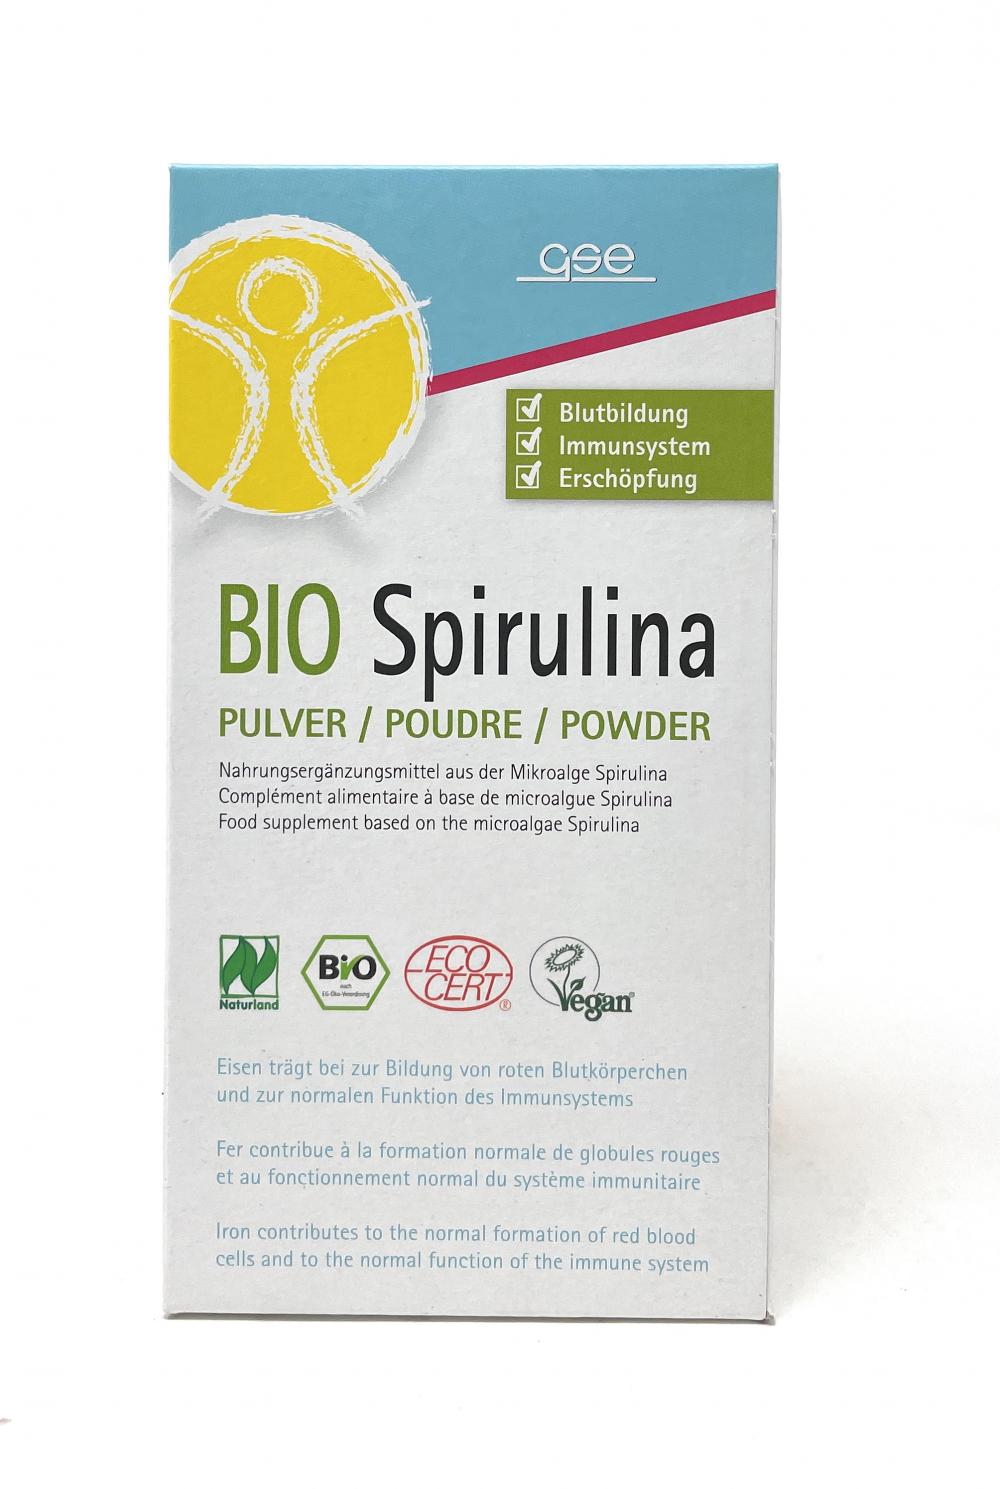 GSE Vertrieb Bio Spirulina Pulver 200g (vegan)